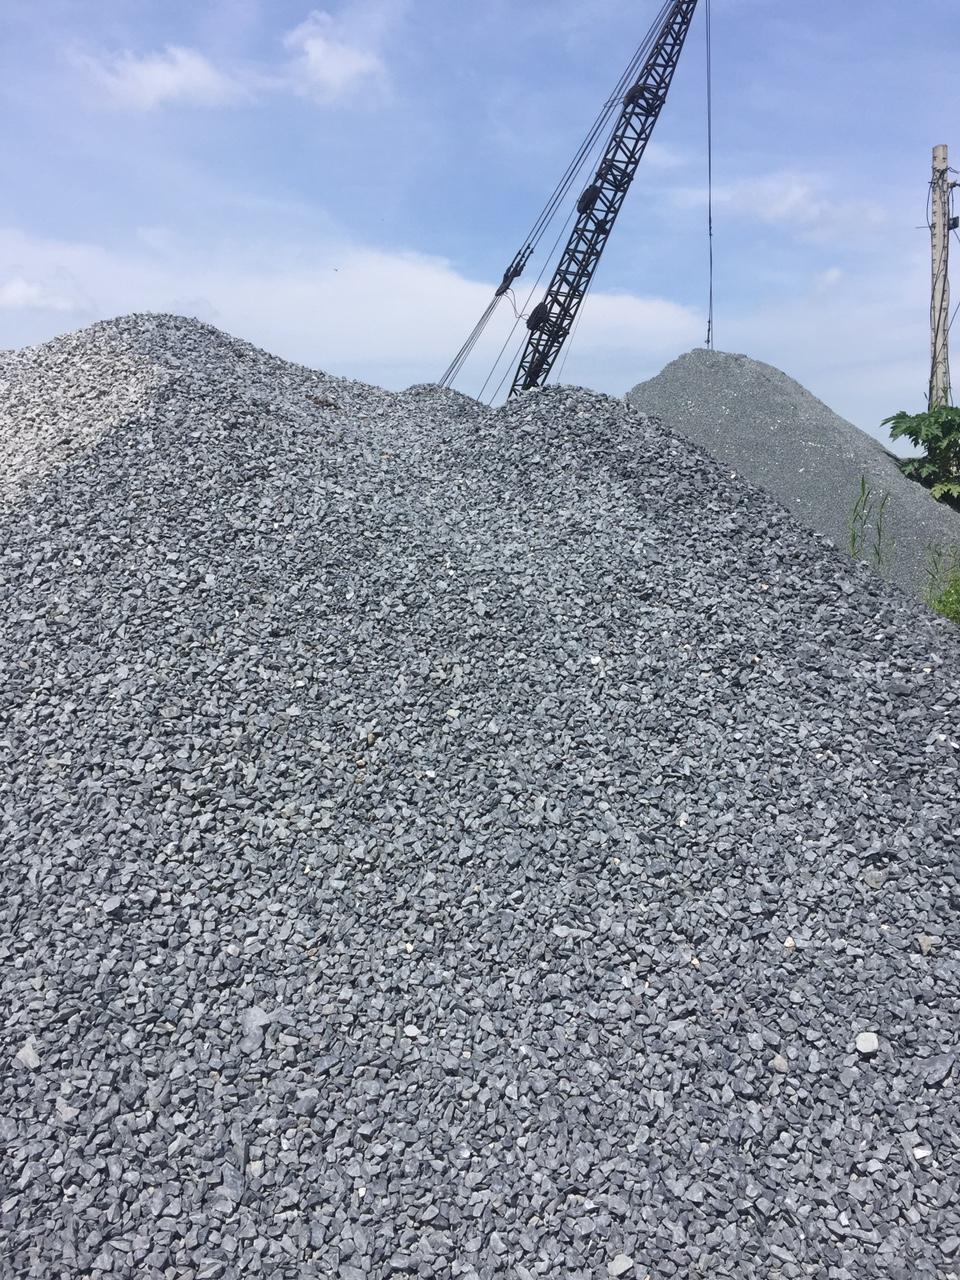 Giá đá xây dựng 0x4 loại 1 - loại 2 cập nhật mới nhất